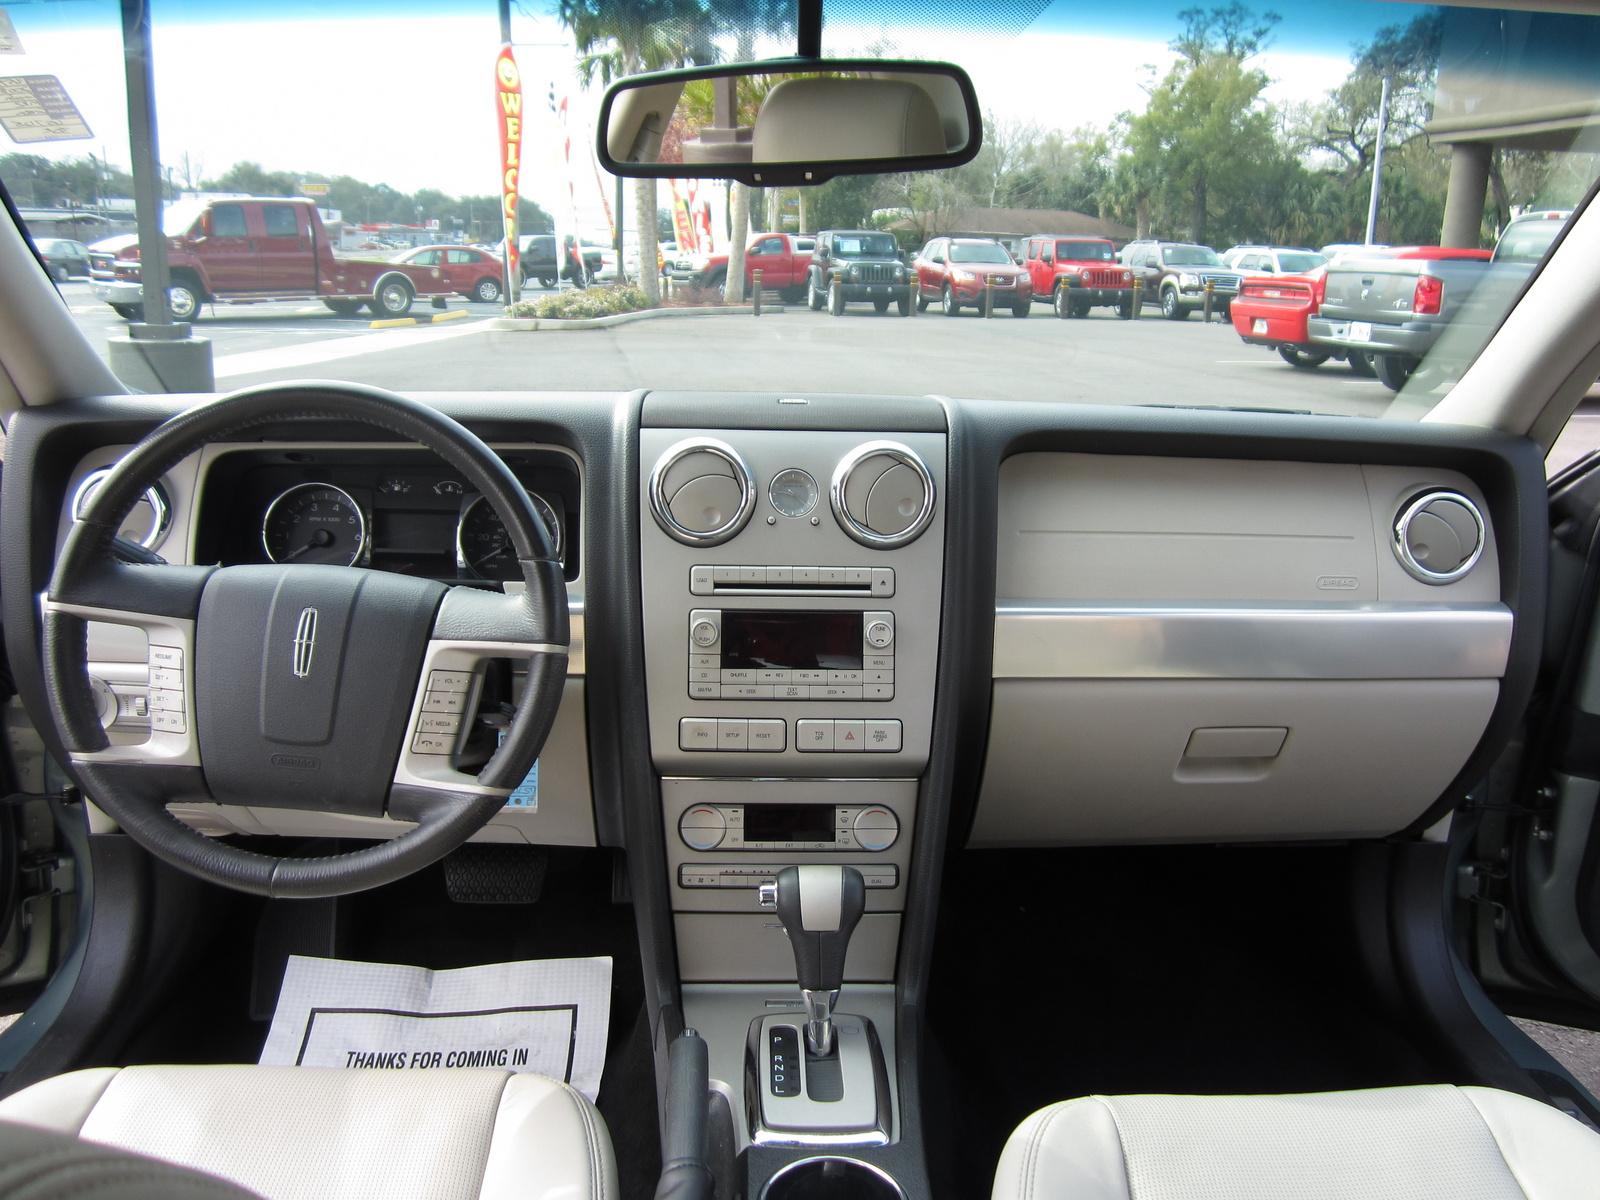 2008 Lincoln Mkz Interior